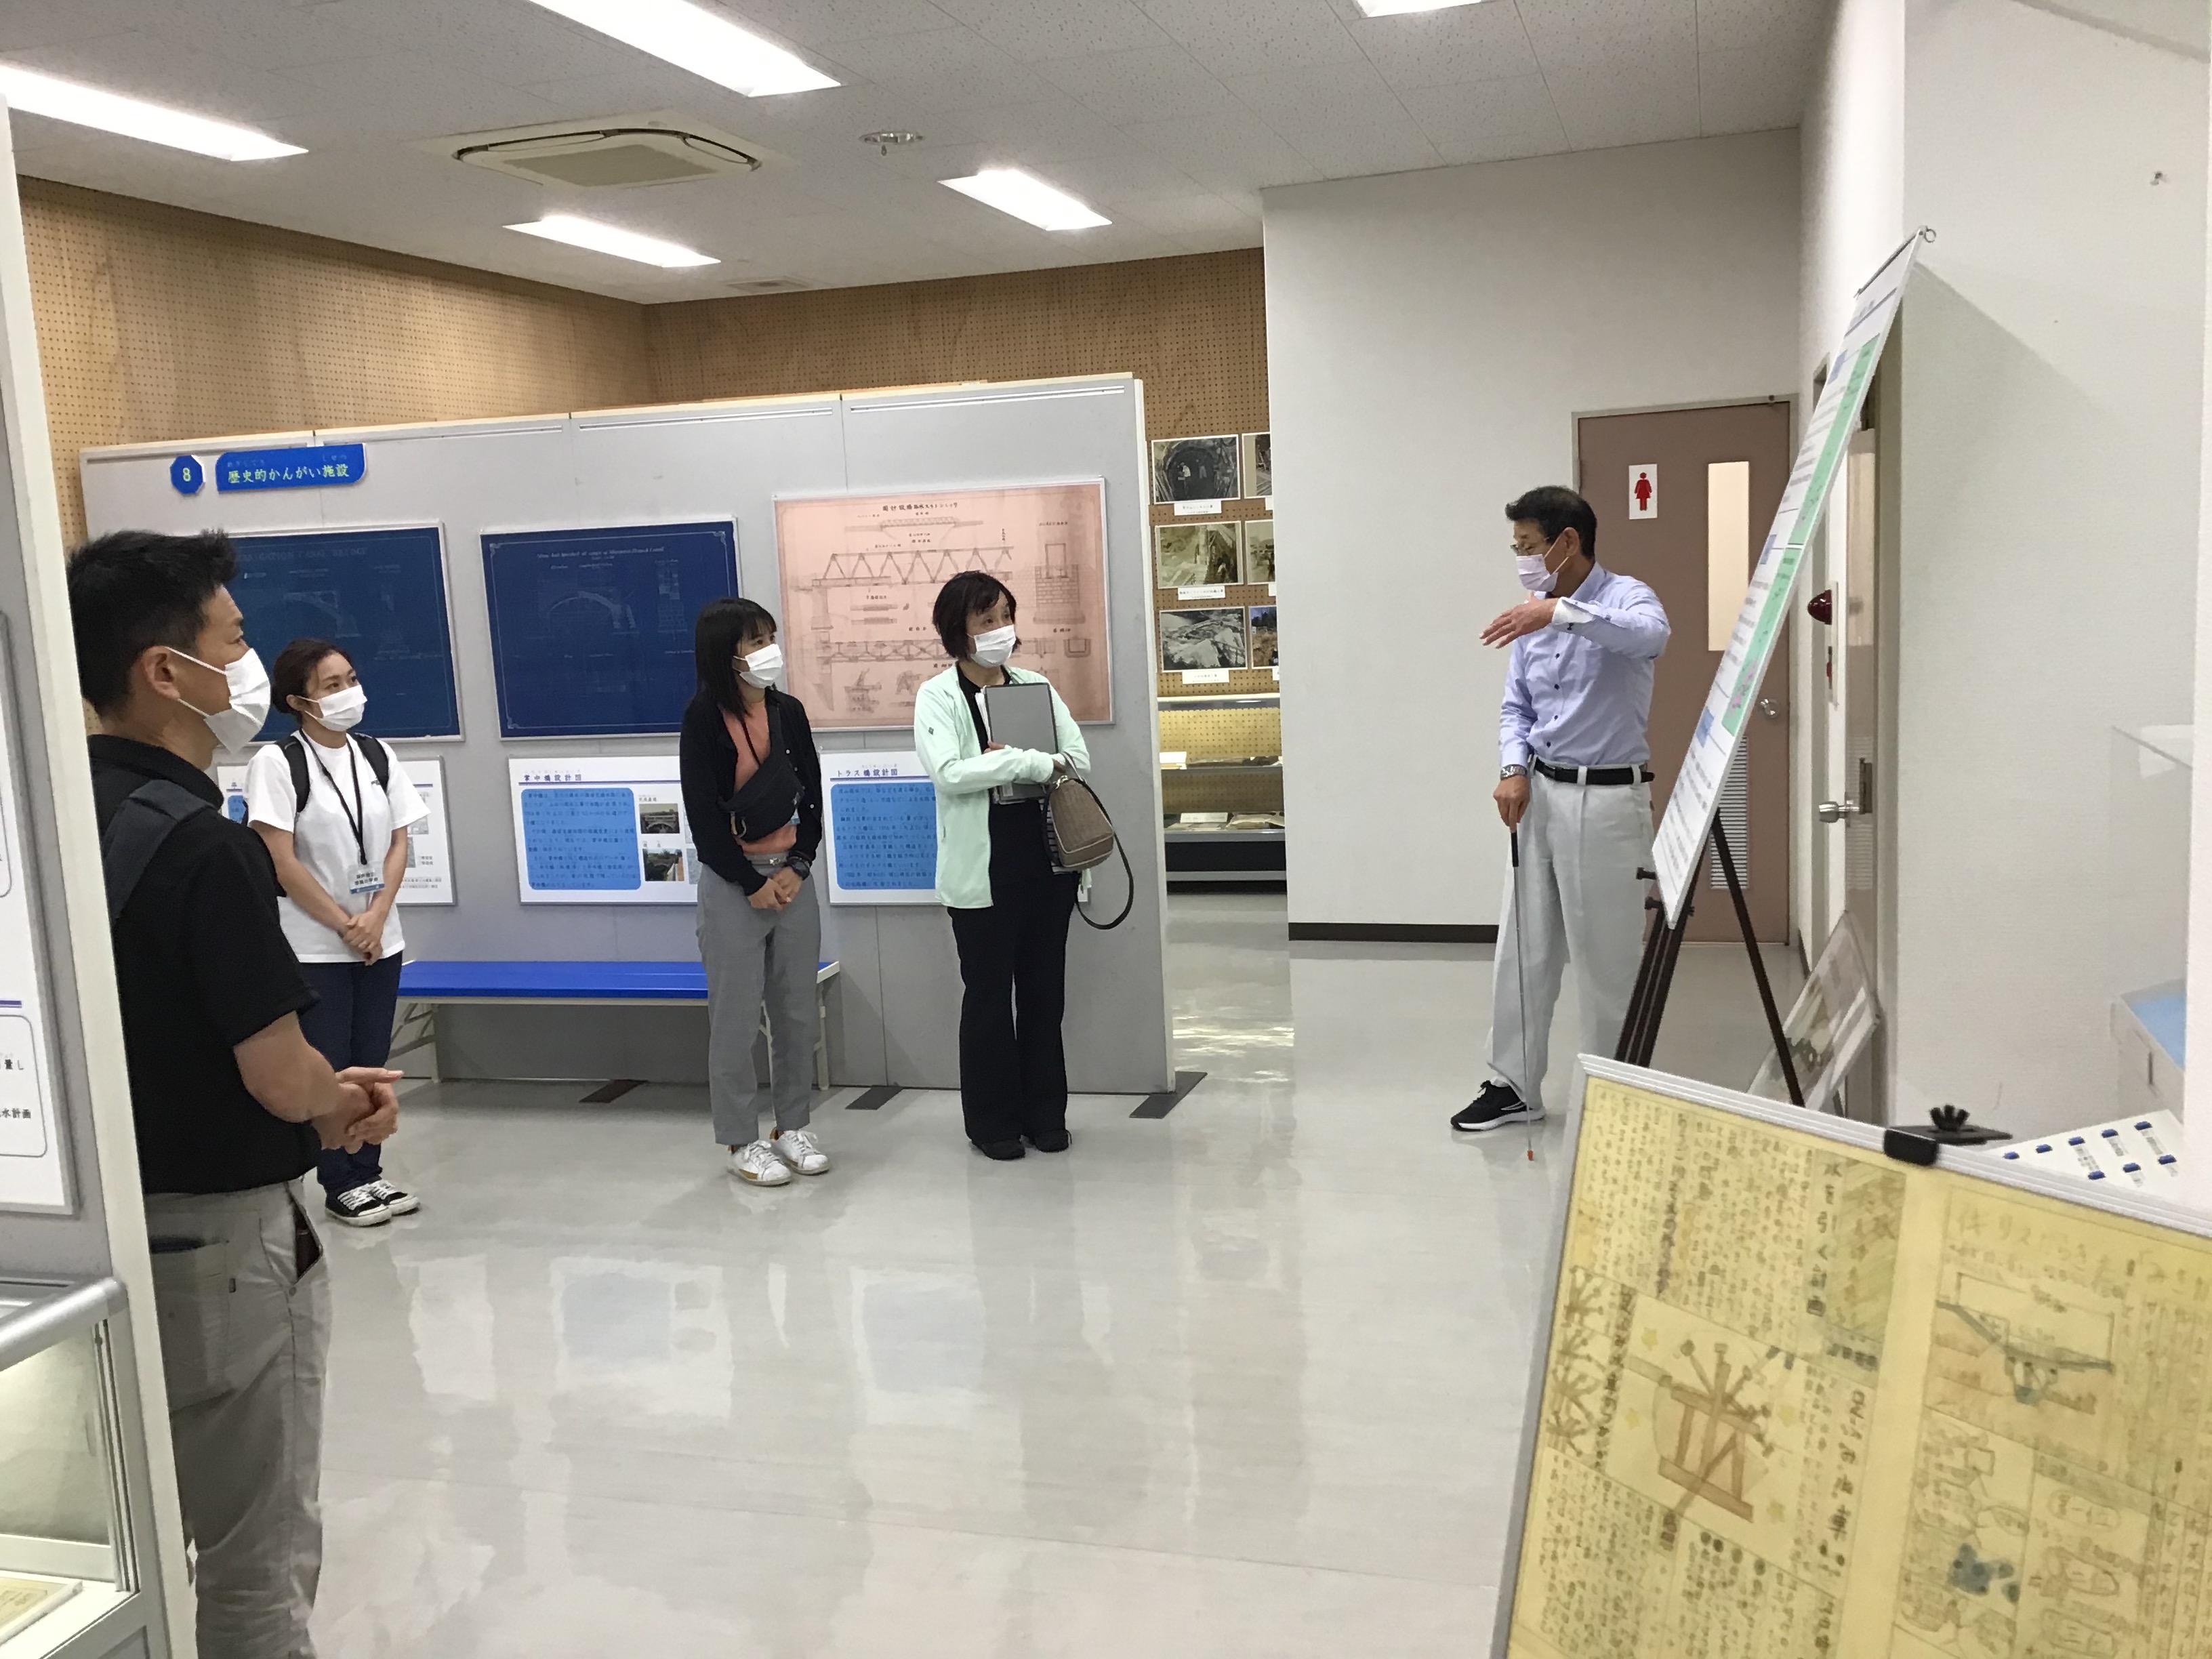 井澤弘昌氏に淡山疏水・東播用水の歴史について説明していただきました。